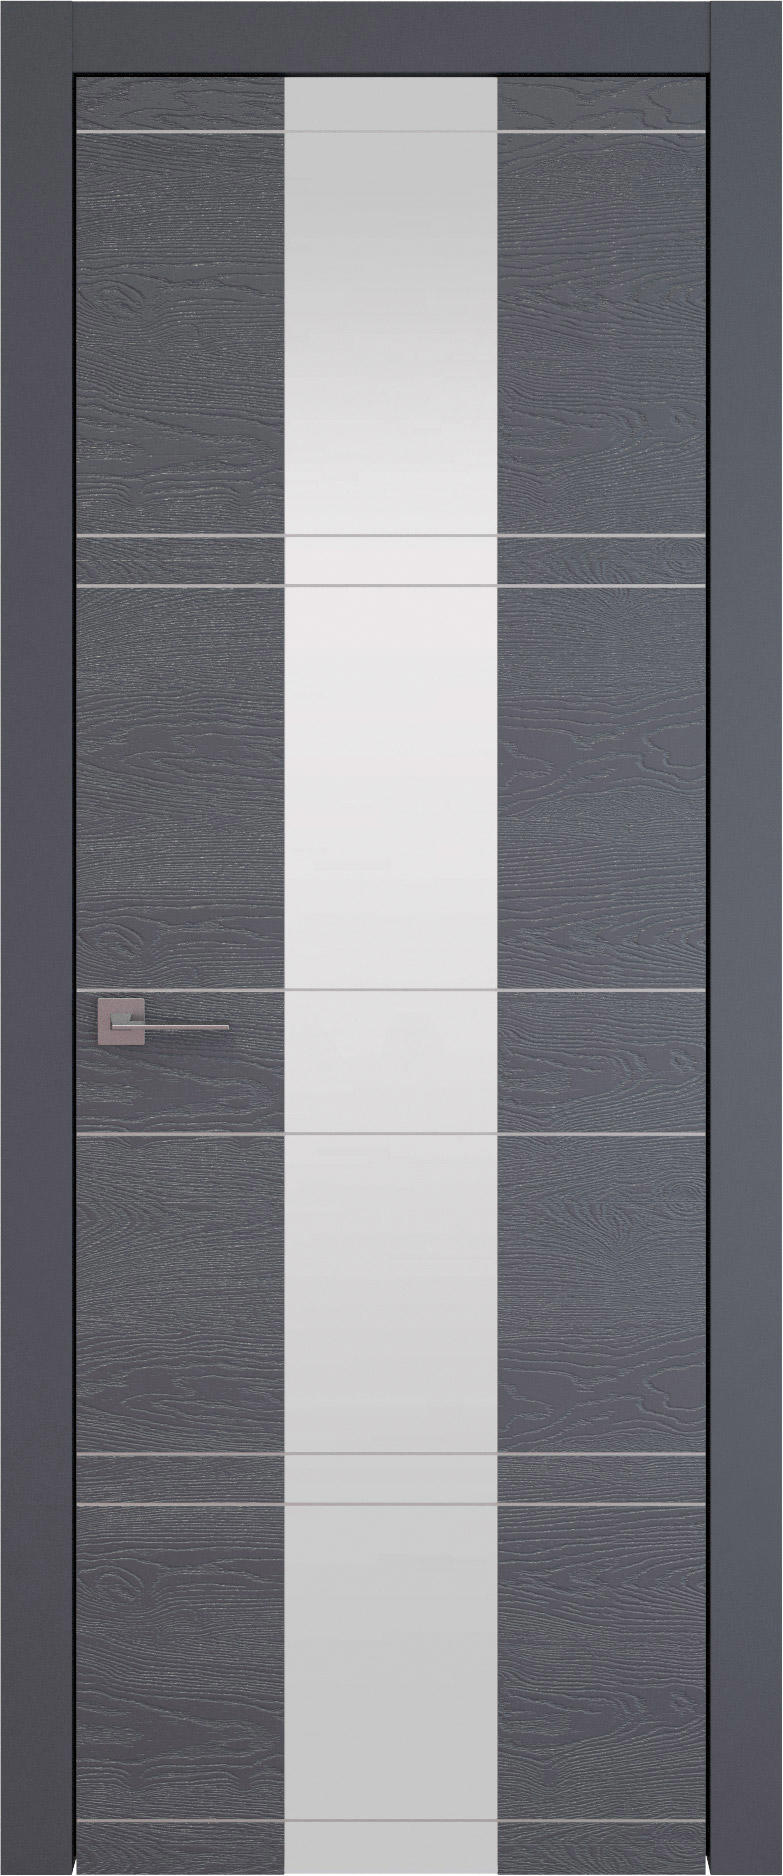 Tivoli Ж-2 цвет - Графитово-серая эмаль по шпону (RAL 7024) Со стеклом (ДО)